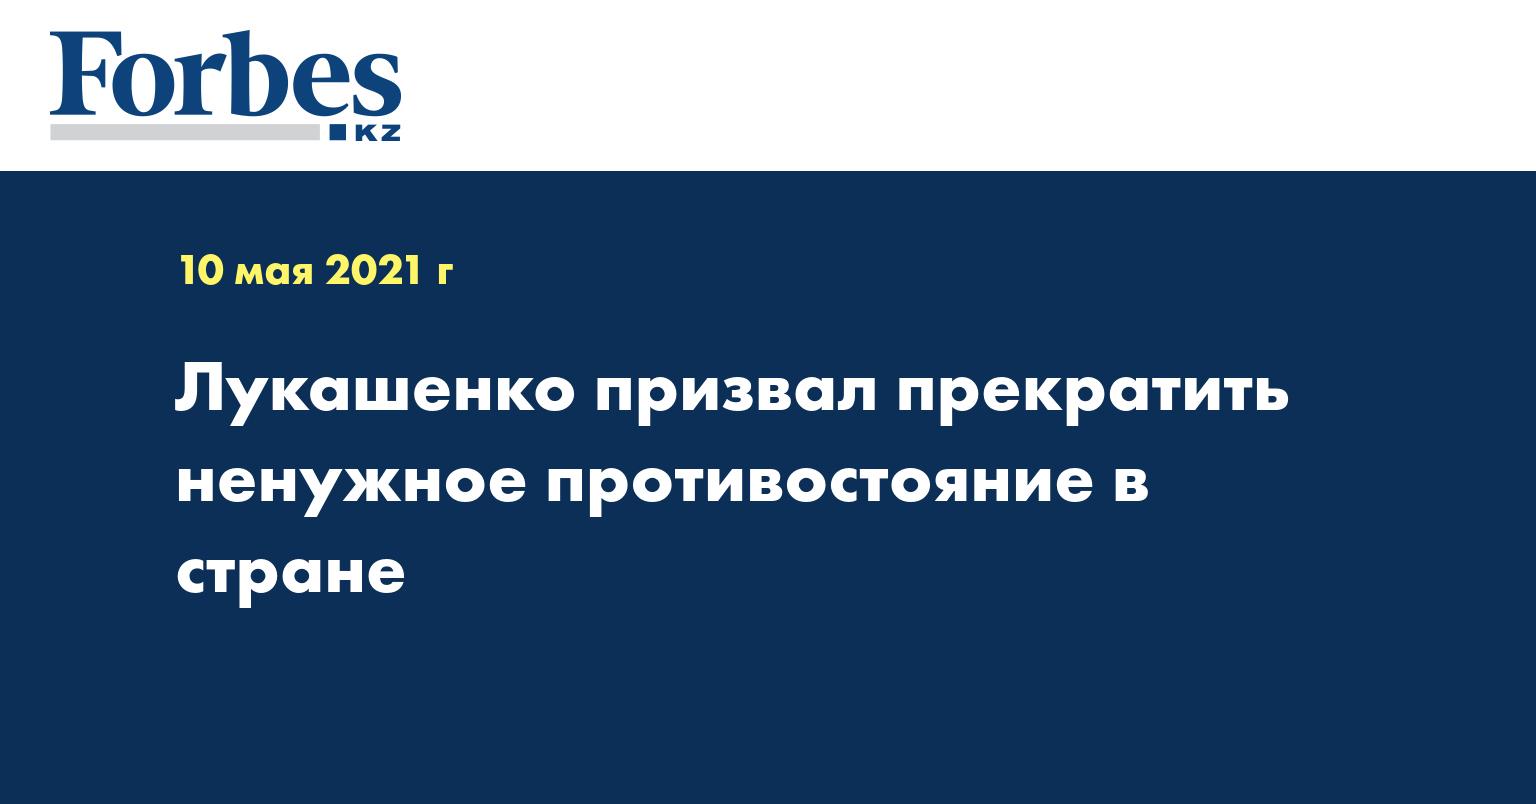 Лукашенко призвал прекратить ненужное противостояние в стране